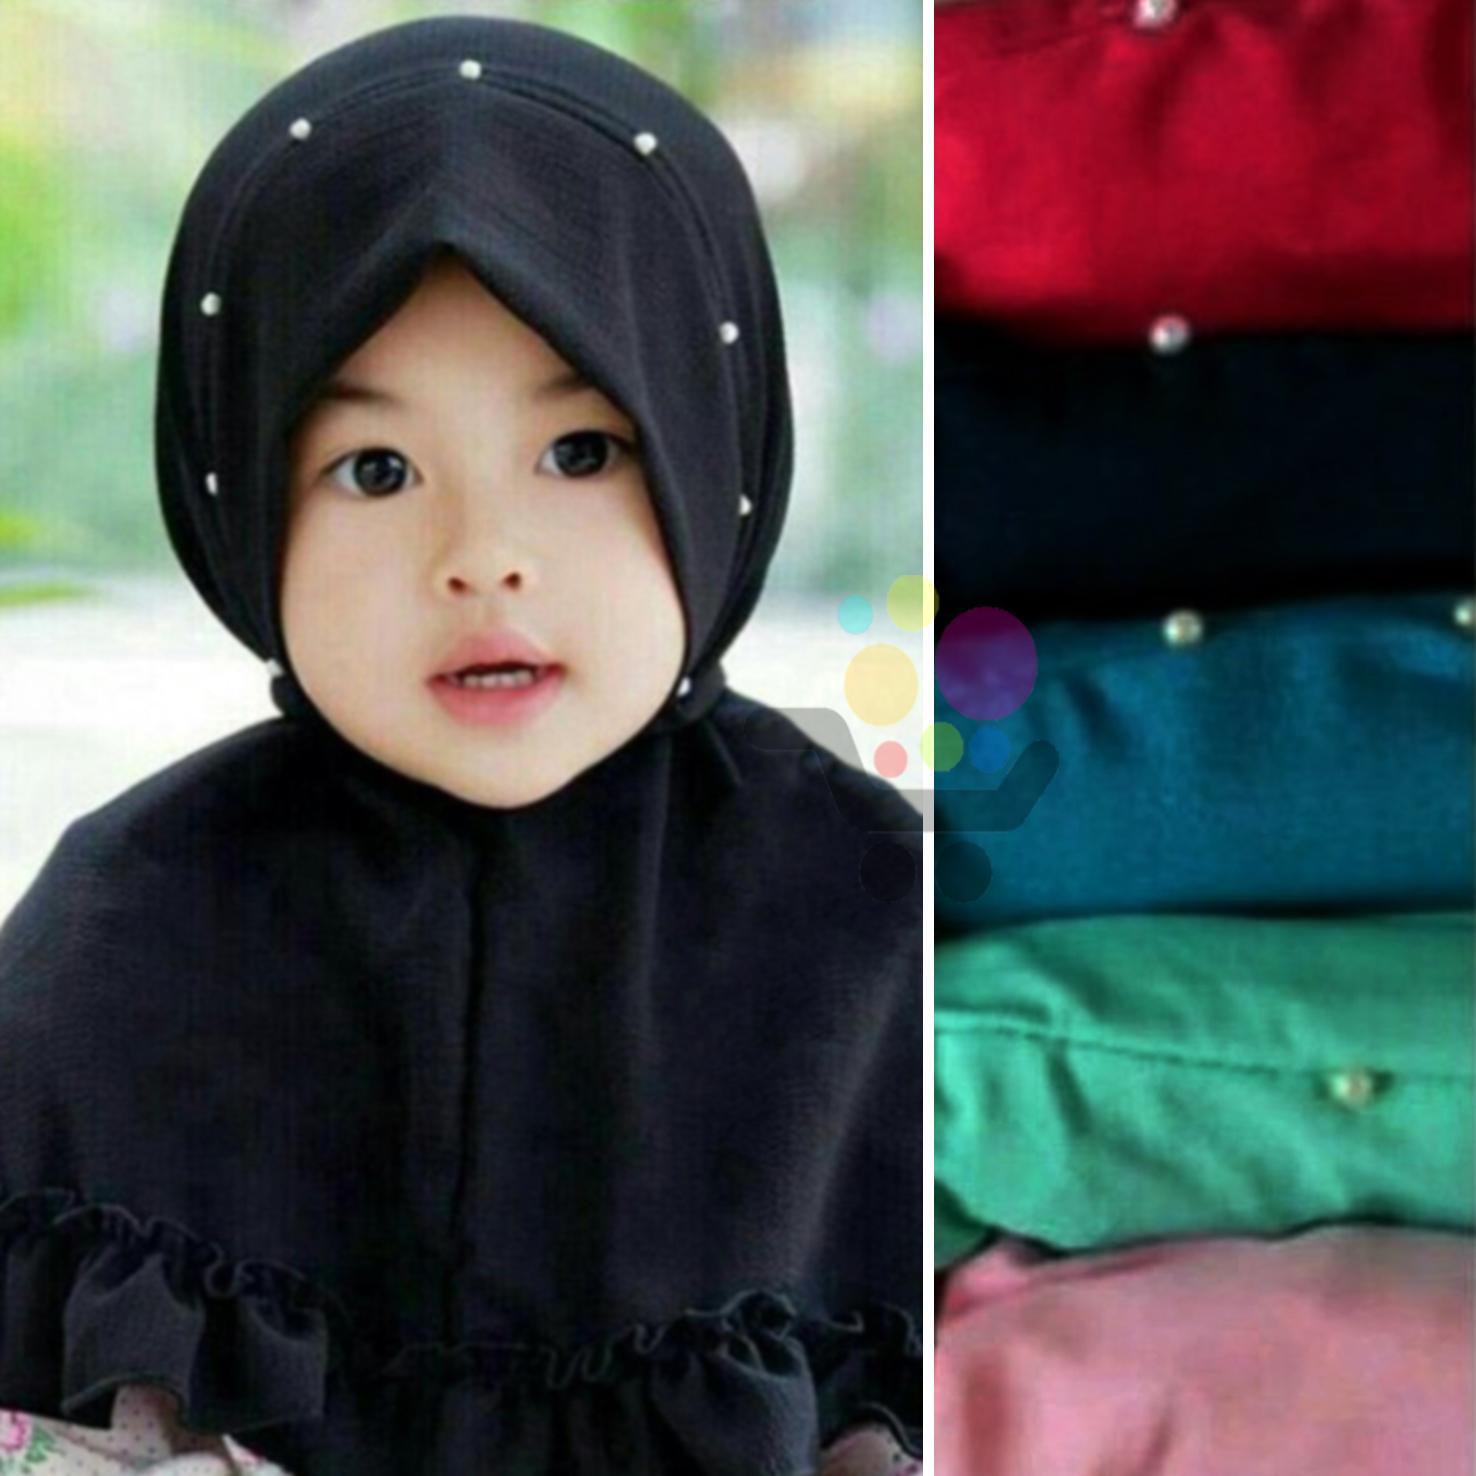 Fitur 3 Pcs Hijab Anak Bayi Beda Model Jilbab Anak Bayi Murah Dan